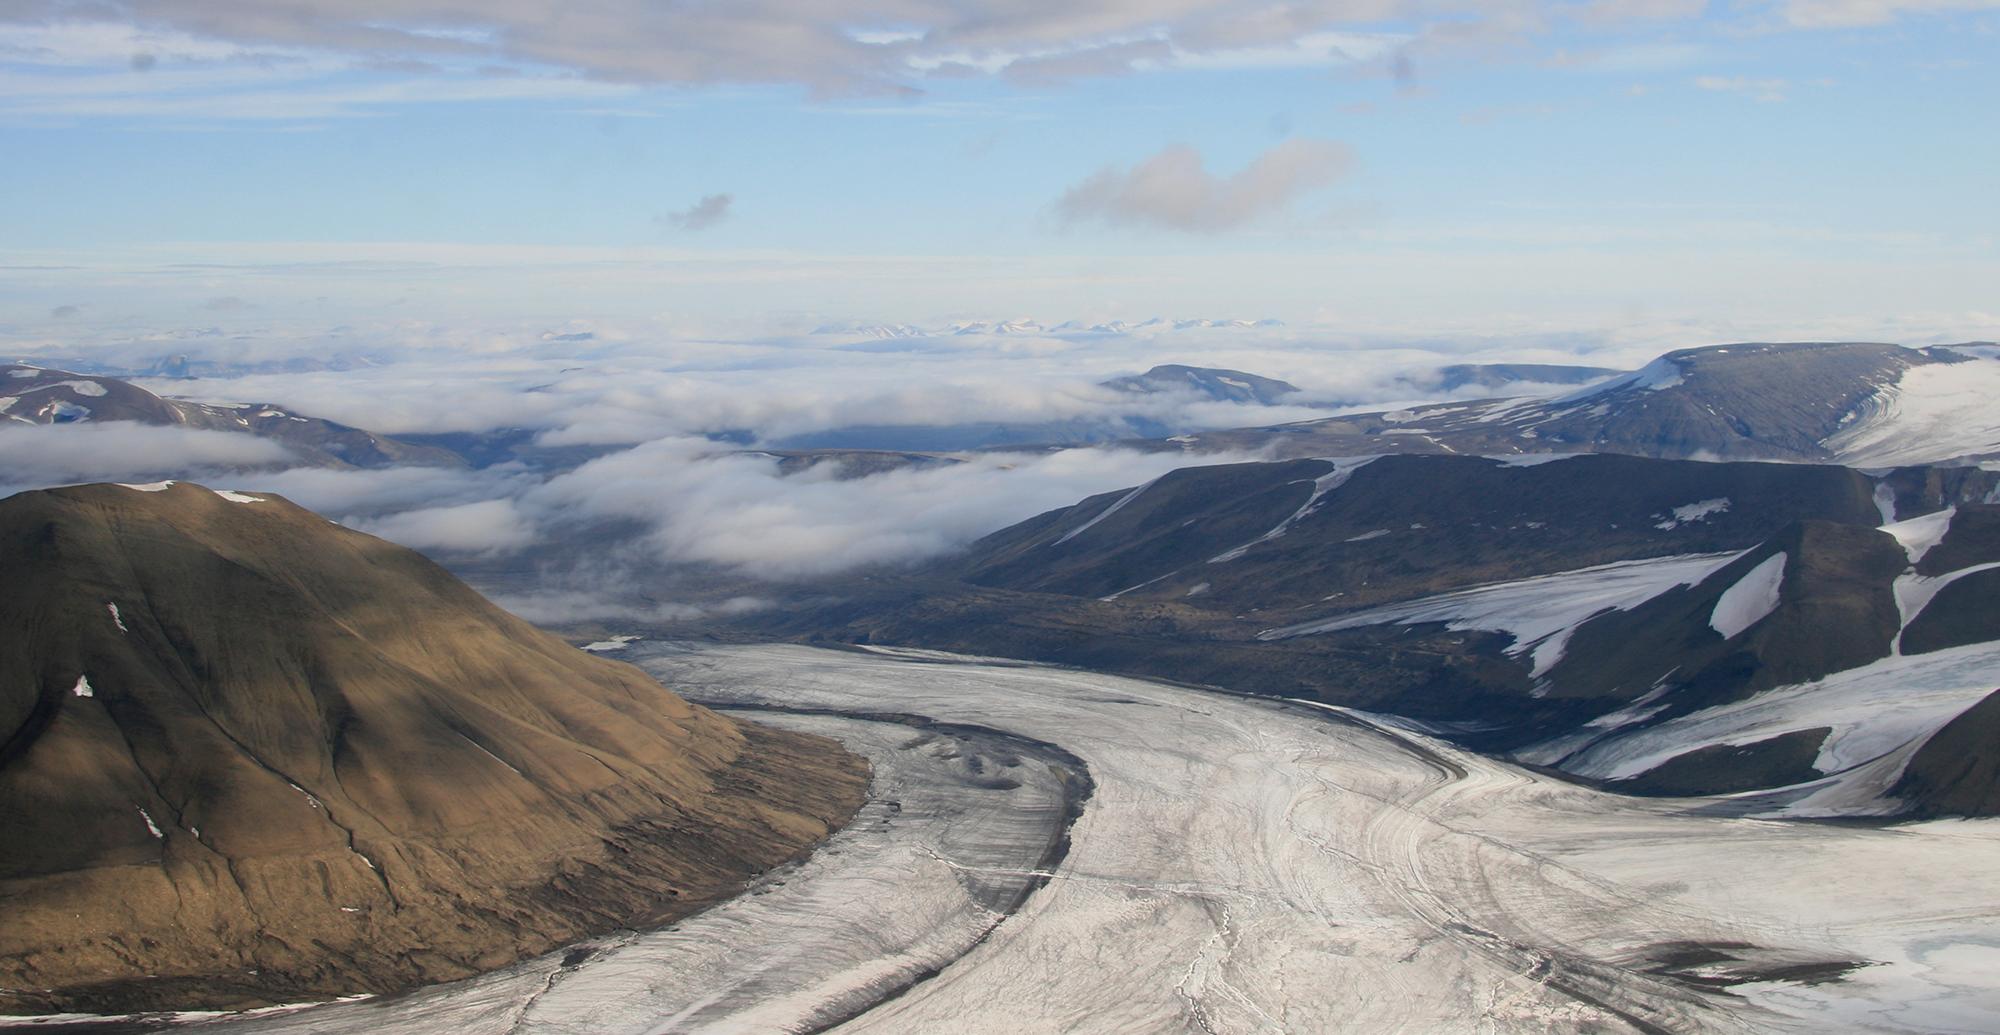 Det er store regionale variasjonar i korleis plantelivet responderer på klimaendringane i arktiske strøk, slik som til dømes på Svalbard. Foto: Anders Mossing